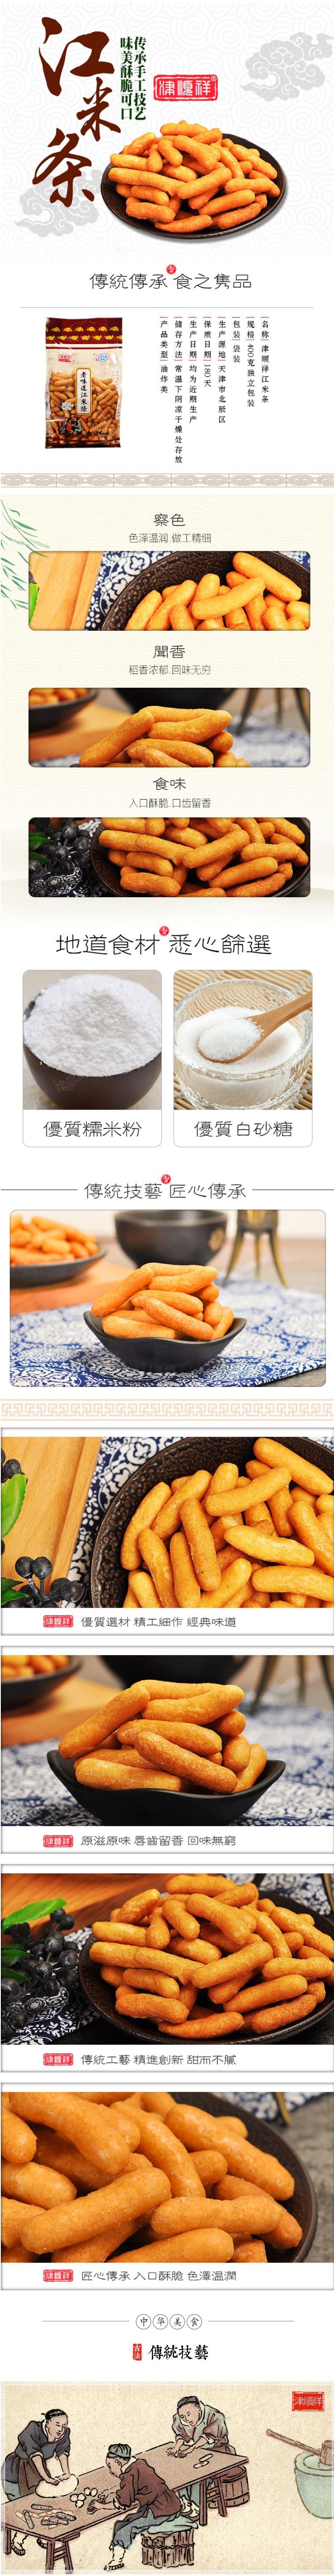 天津特产  津顺祥传统老式江米条糕点手工糯米条东北怀旧零食400g